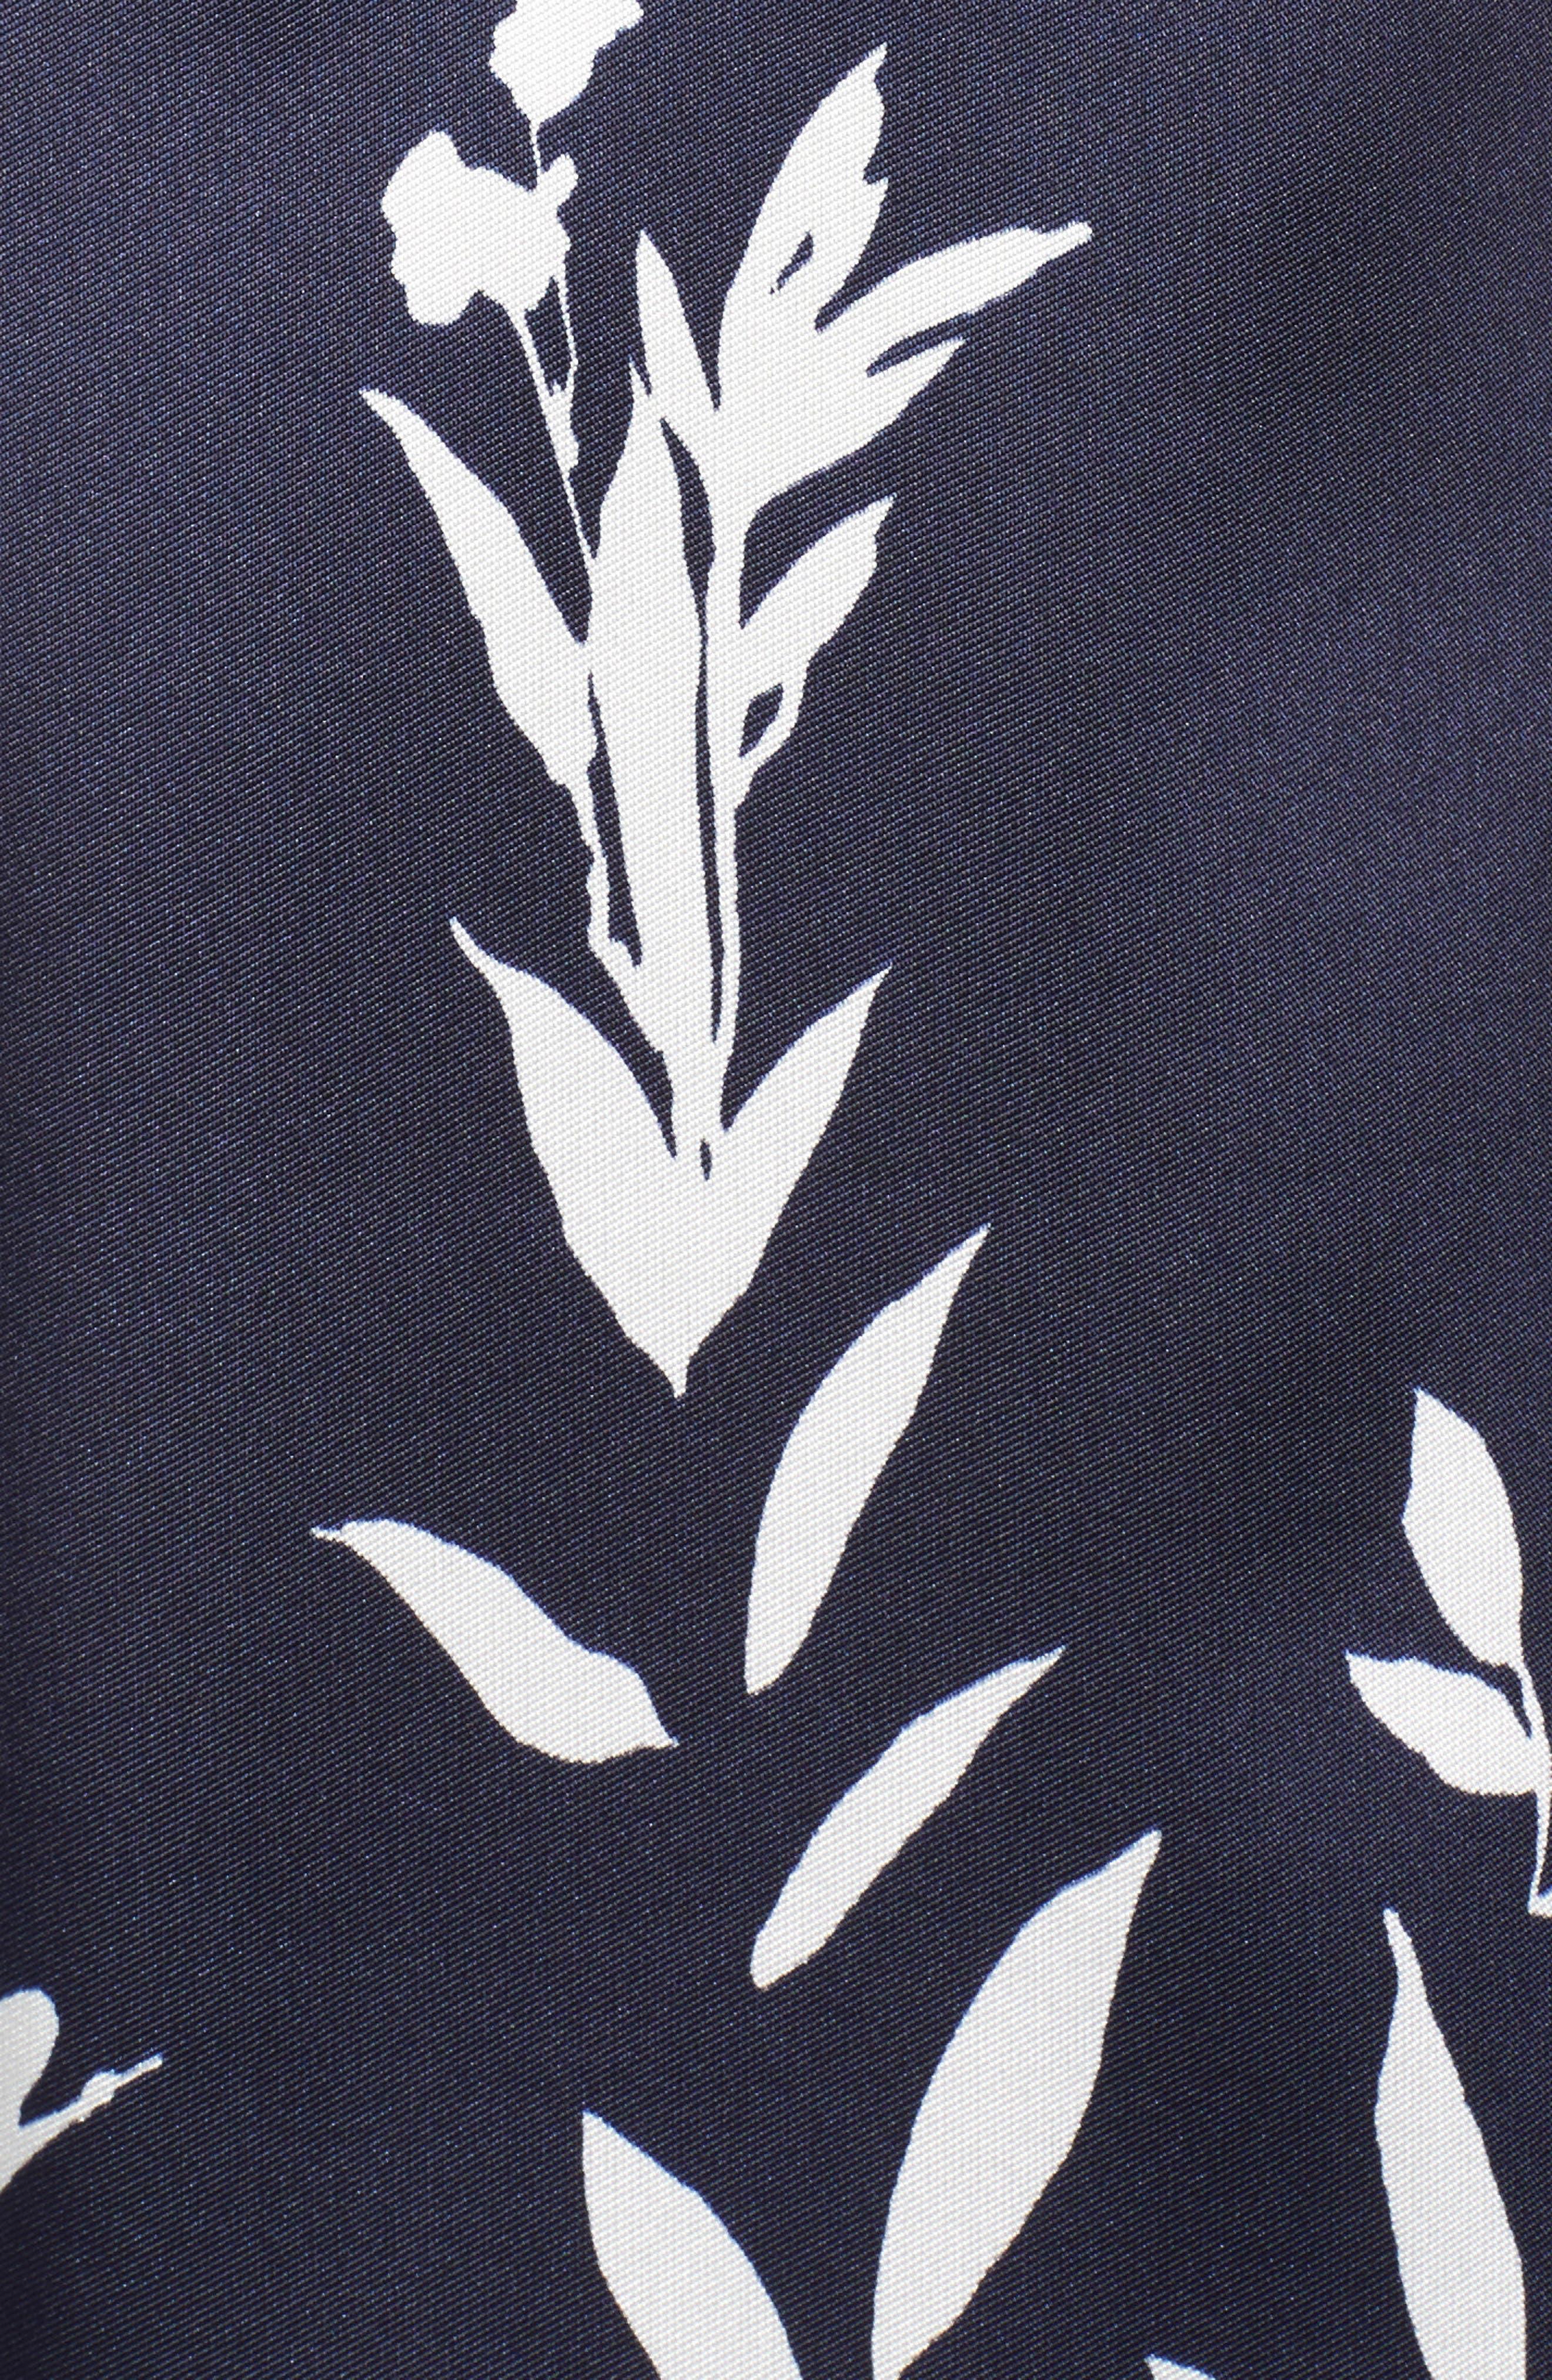 Mikado Illusion V Neck Gown,                             Alternate thumbnail 5, color,                             Navy/ White